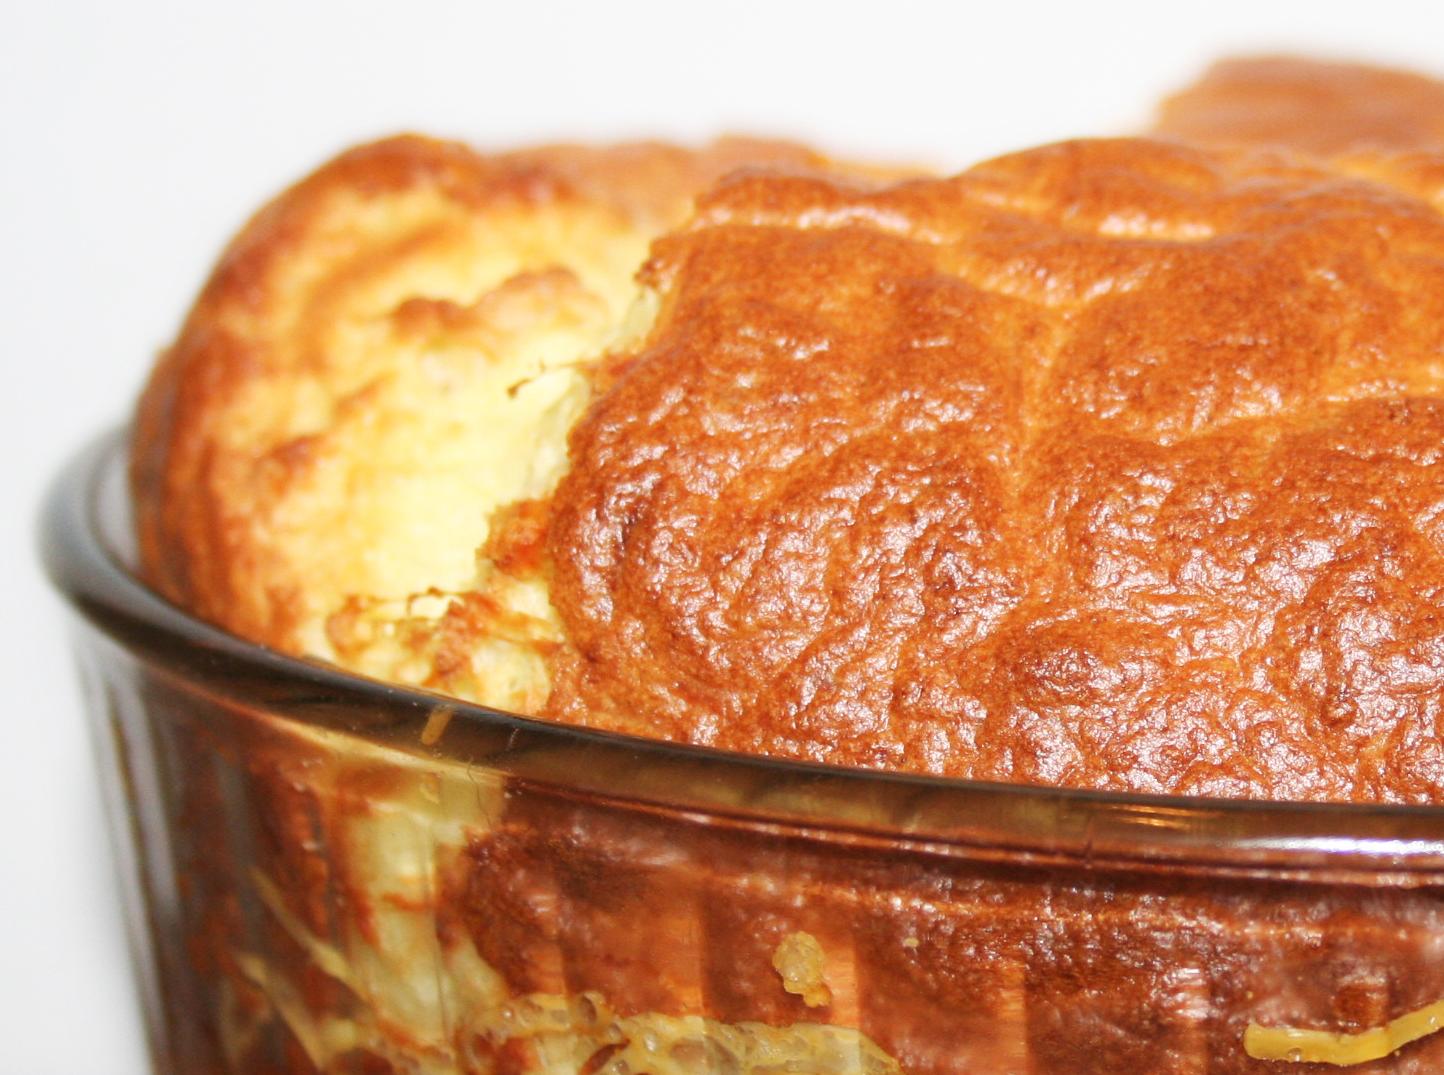 Recette du soufflé au Fromage